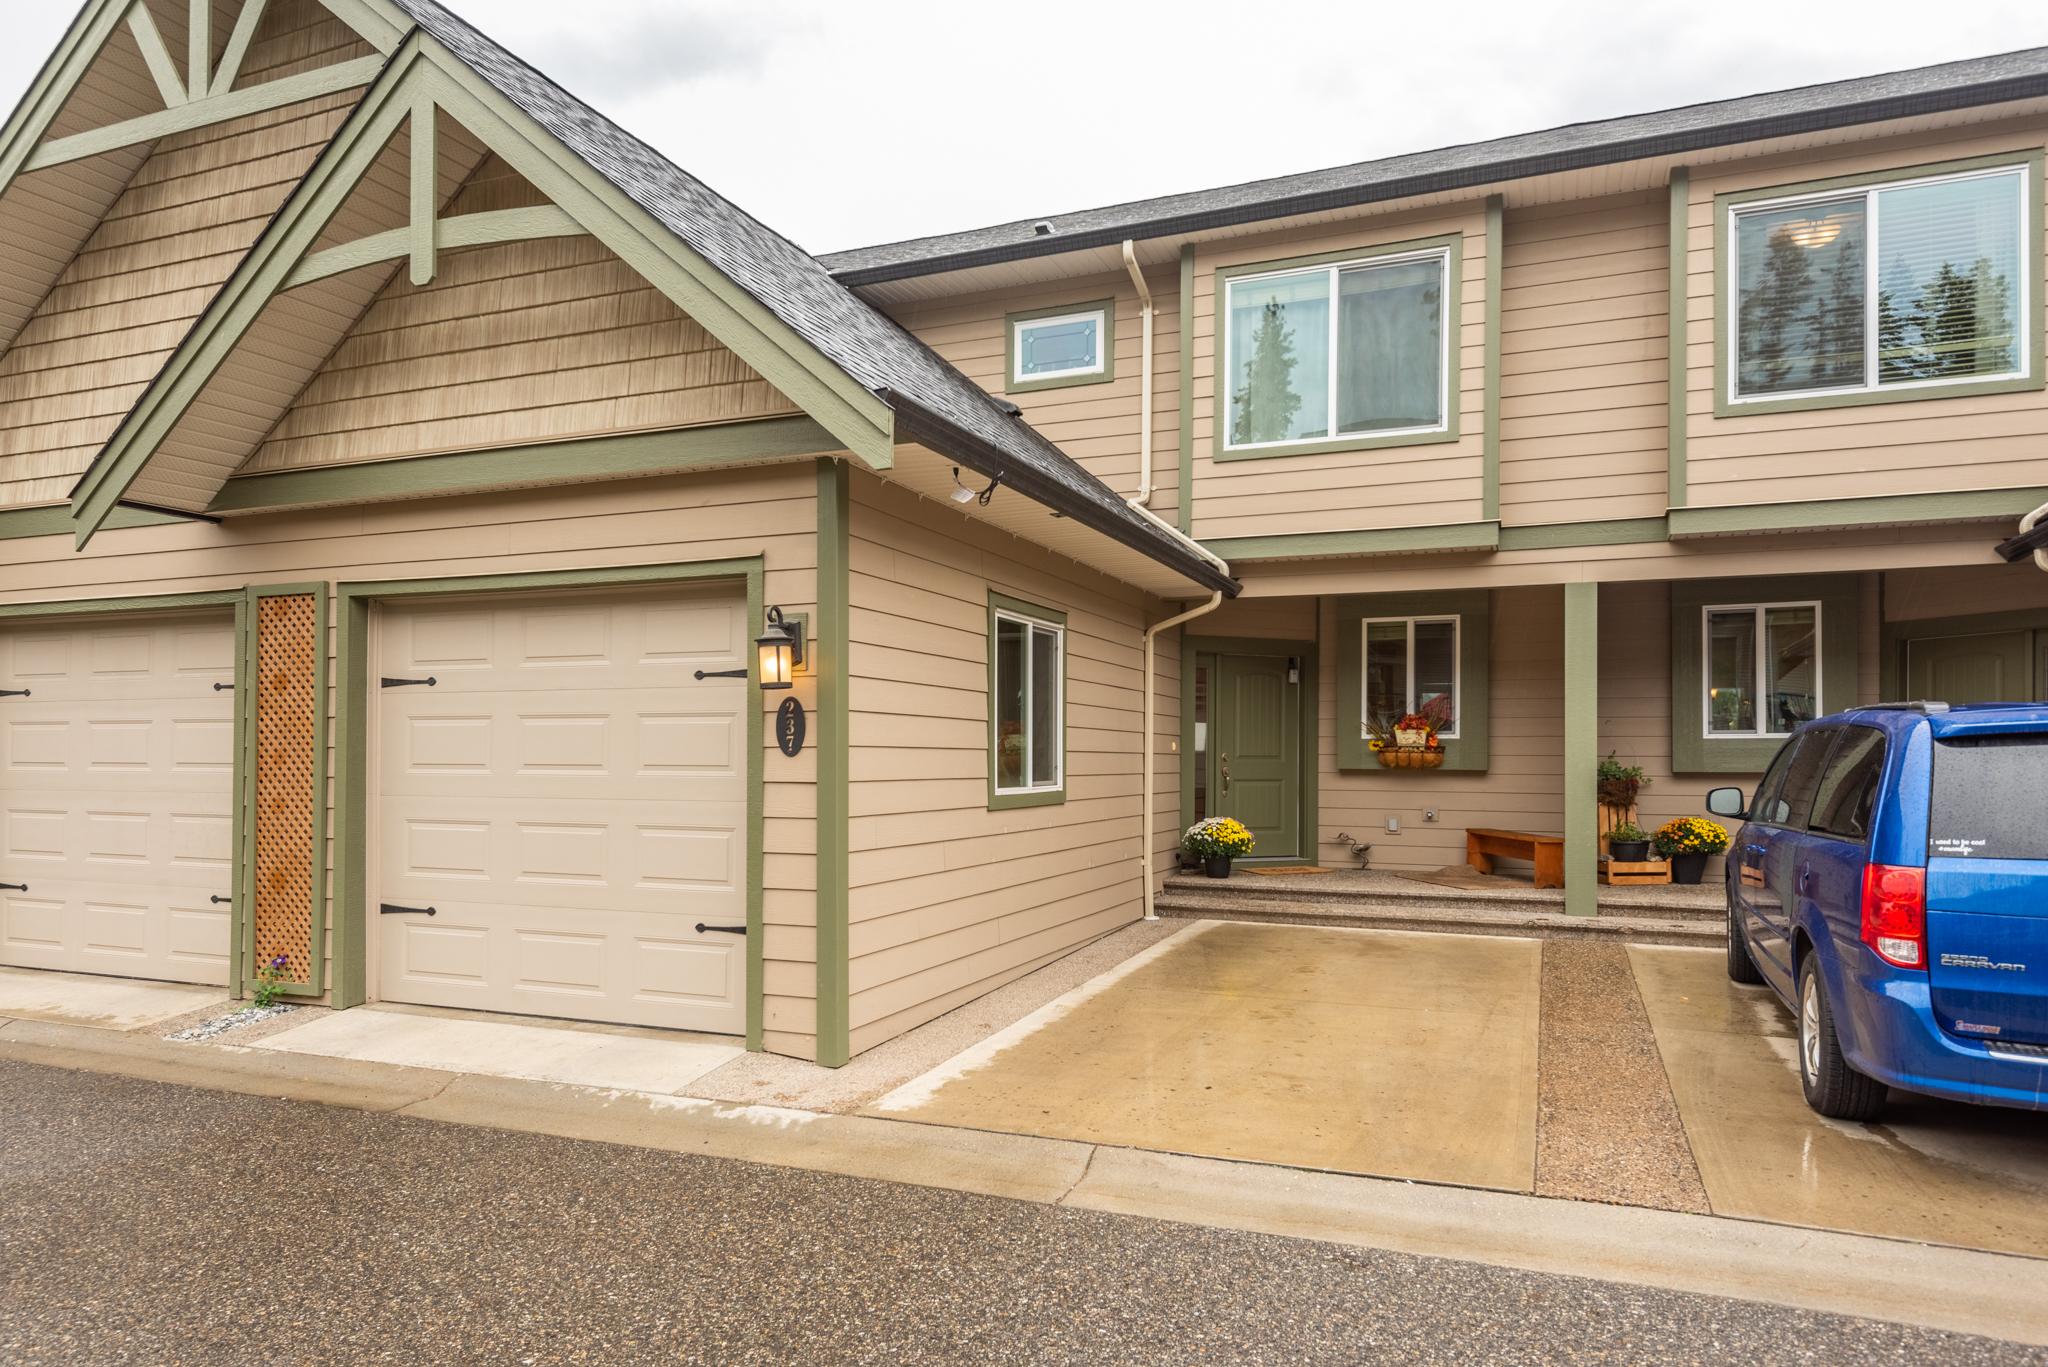 #237 - 3780 Schubert Rd | Armstrong, BC | $439,999